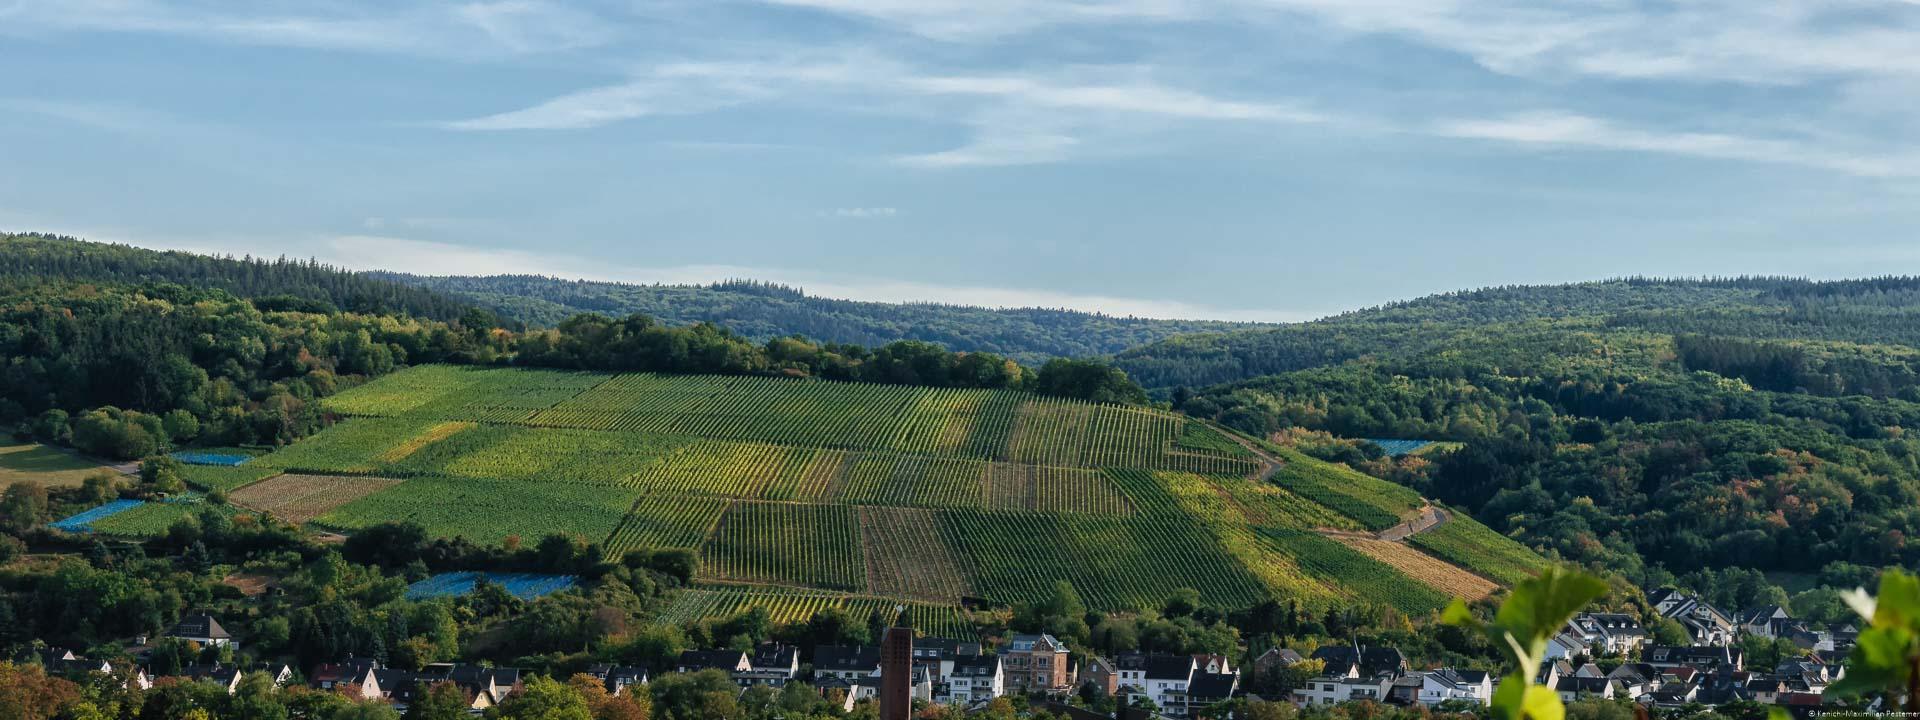 Mit den Trauben des Karlskopfes werden Rotweine hergestellt